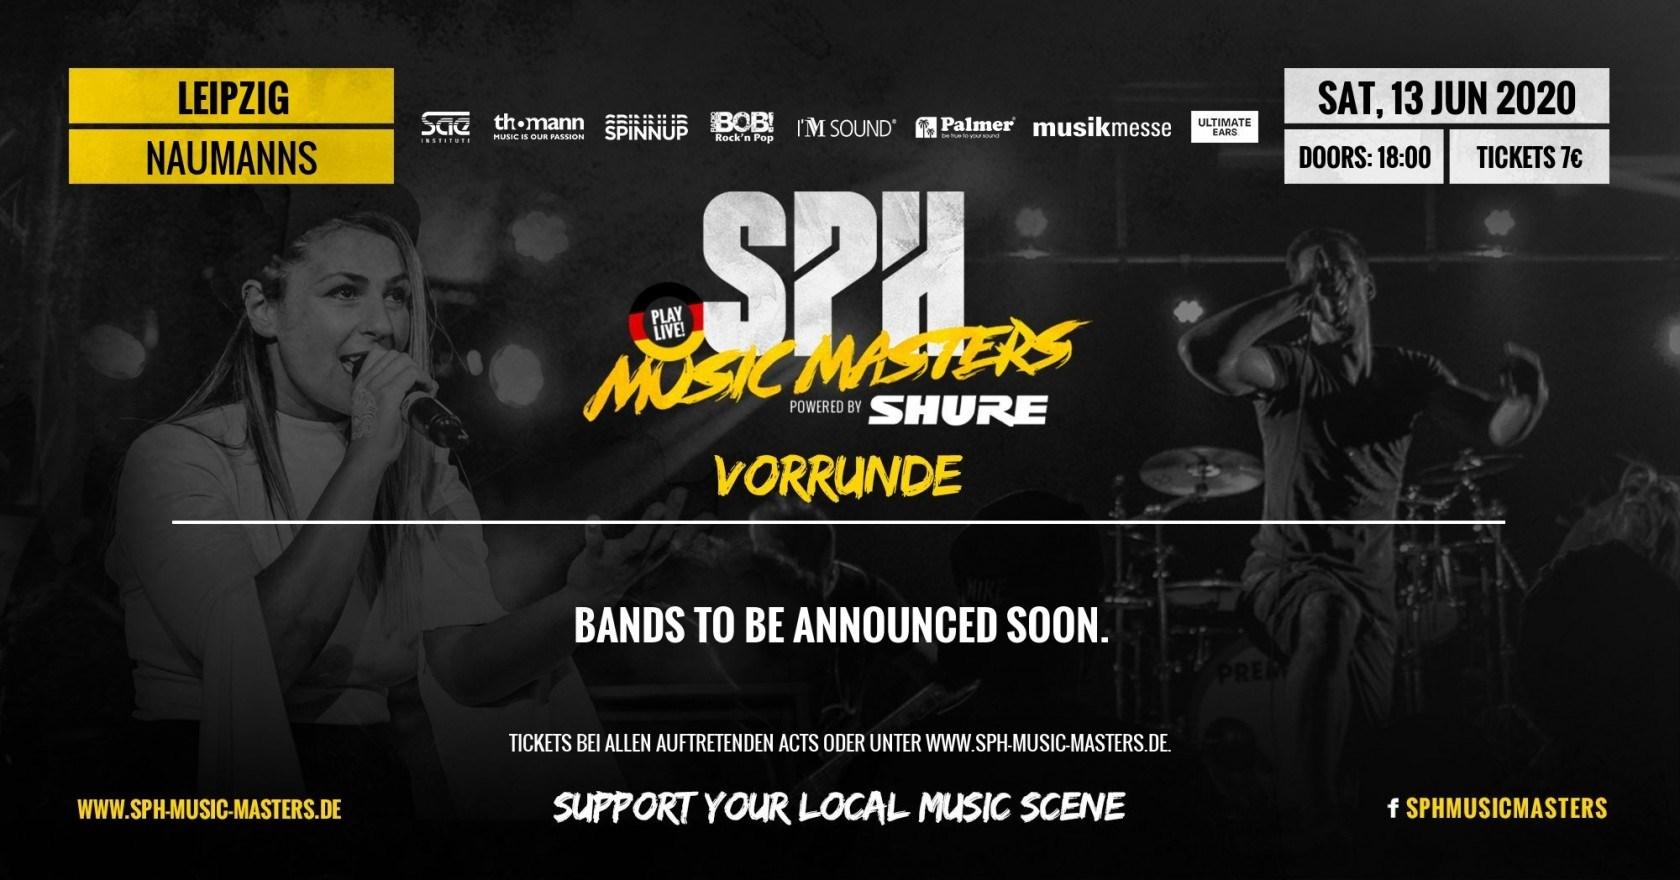 SPH Music Masters Vorrunde